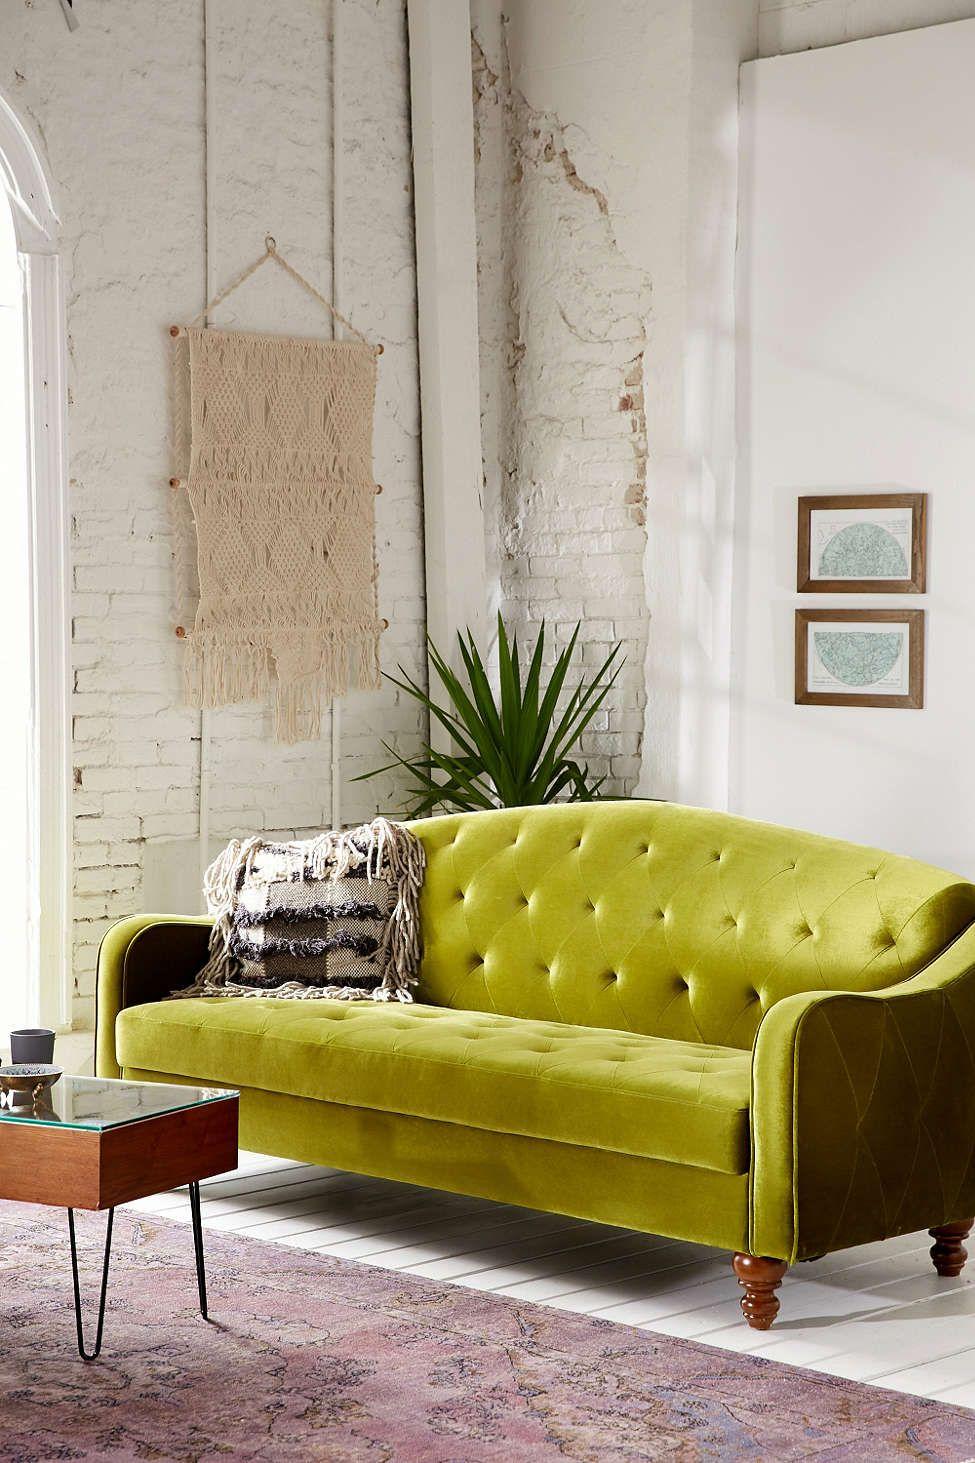 Ava Velvet Tufted Sleeper Sofa Daybed In Living Room Retro Sofa